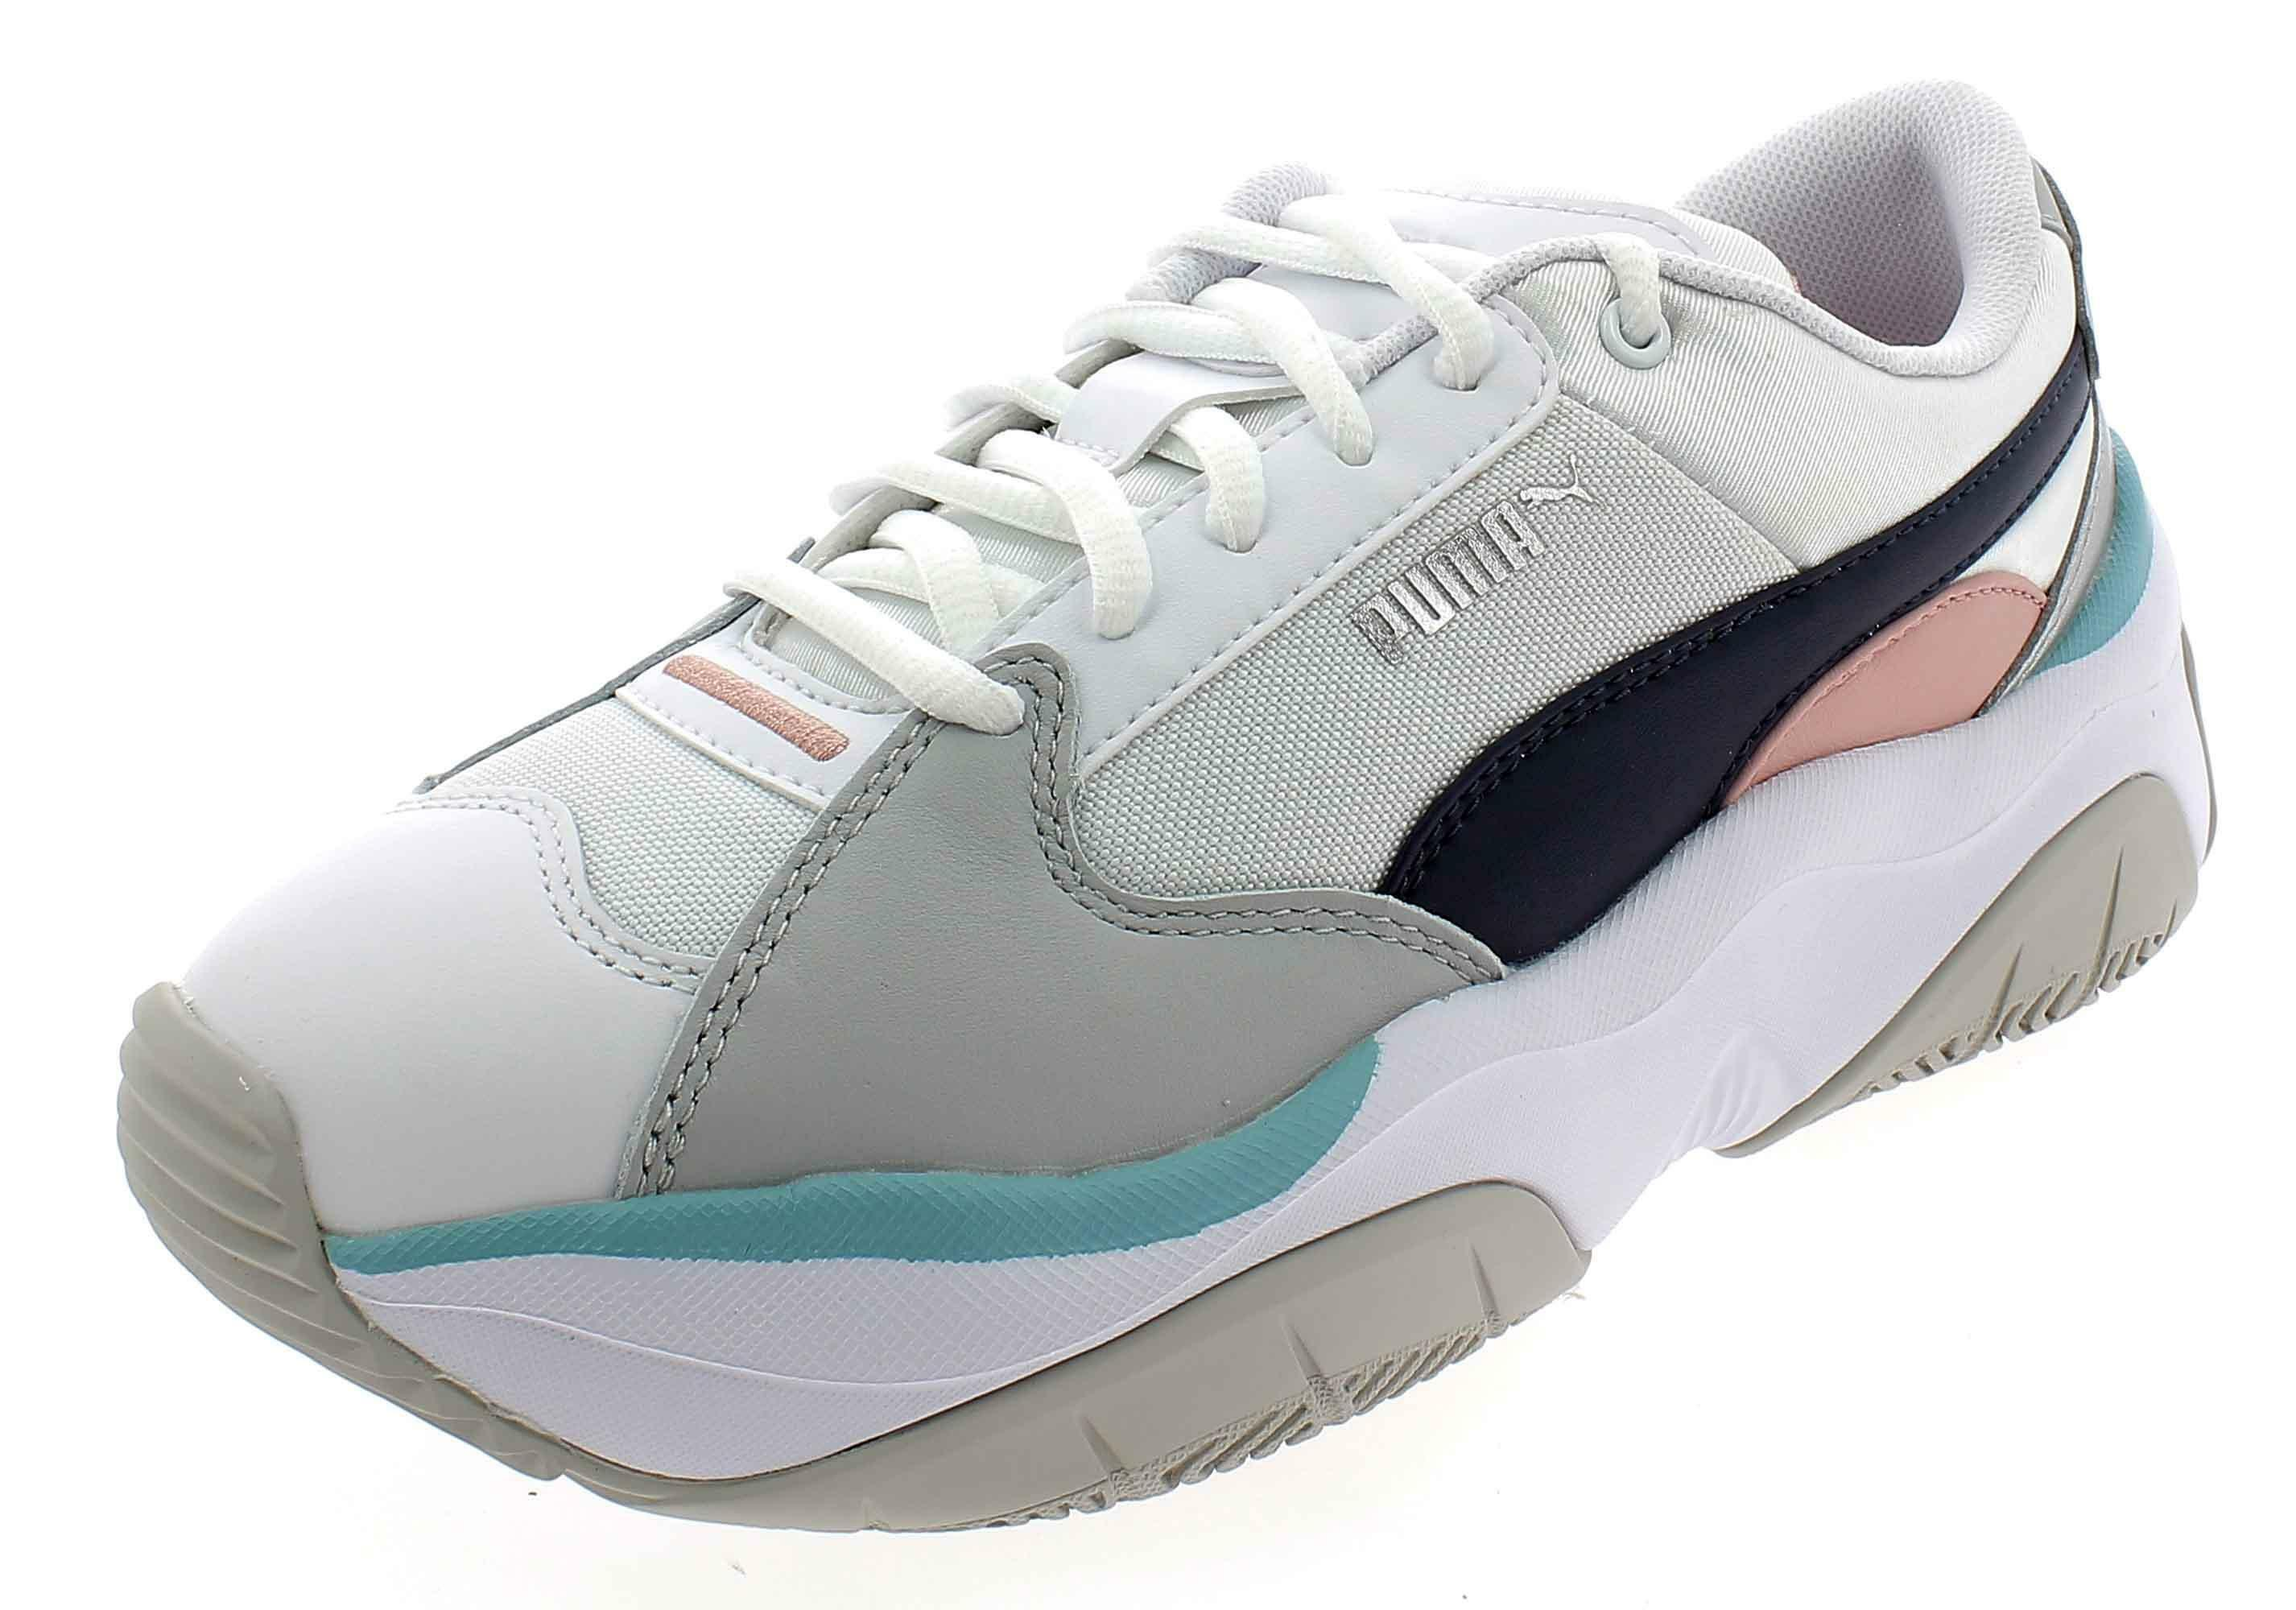 puma scarpe bianche donna